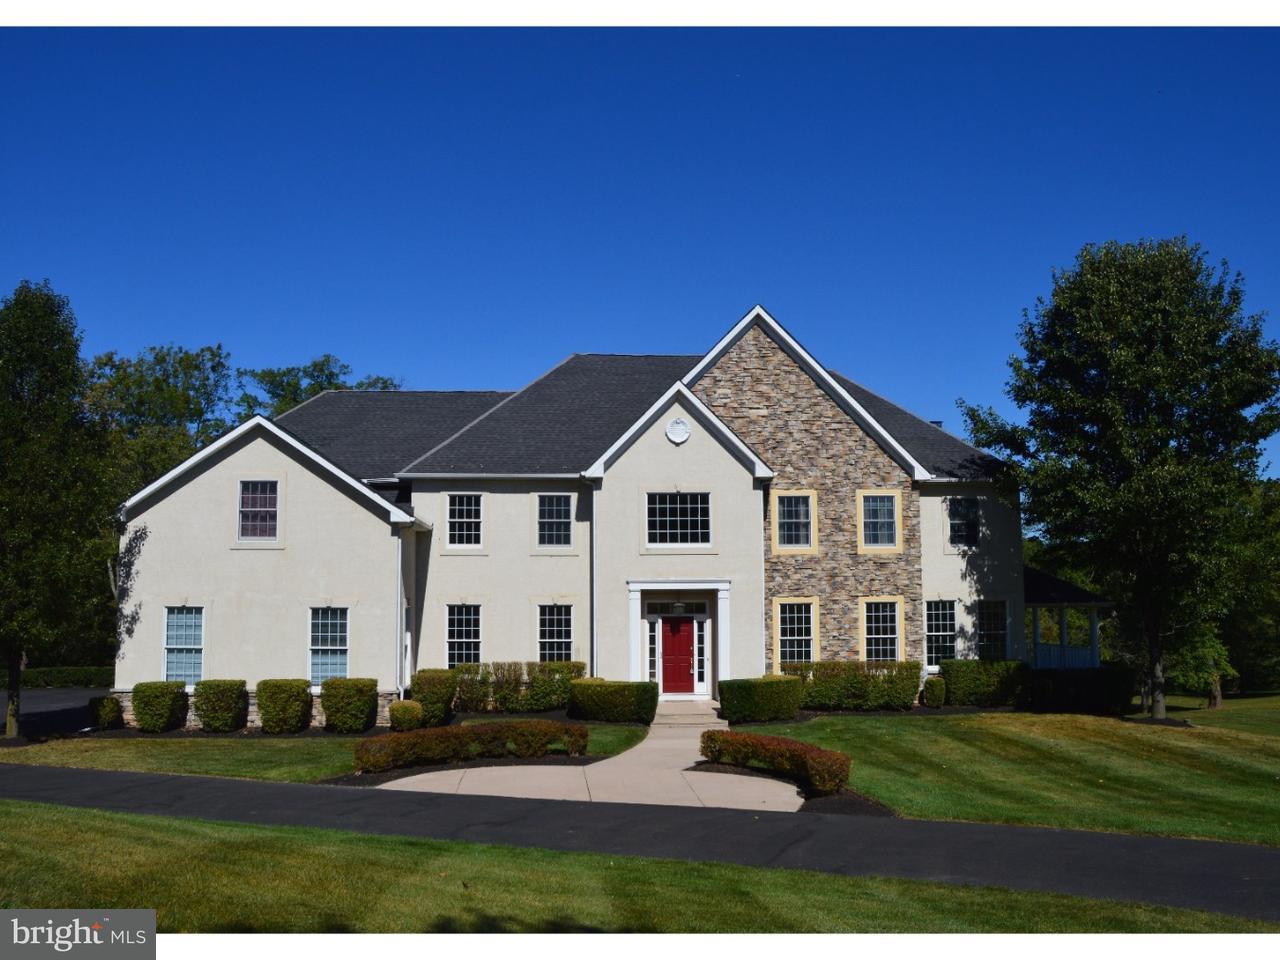 Maison unifamiliale pour l à louer à 20 BROOKS BEND Drive New Hope, Pennsylvanie 18938 États-Unis